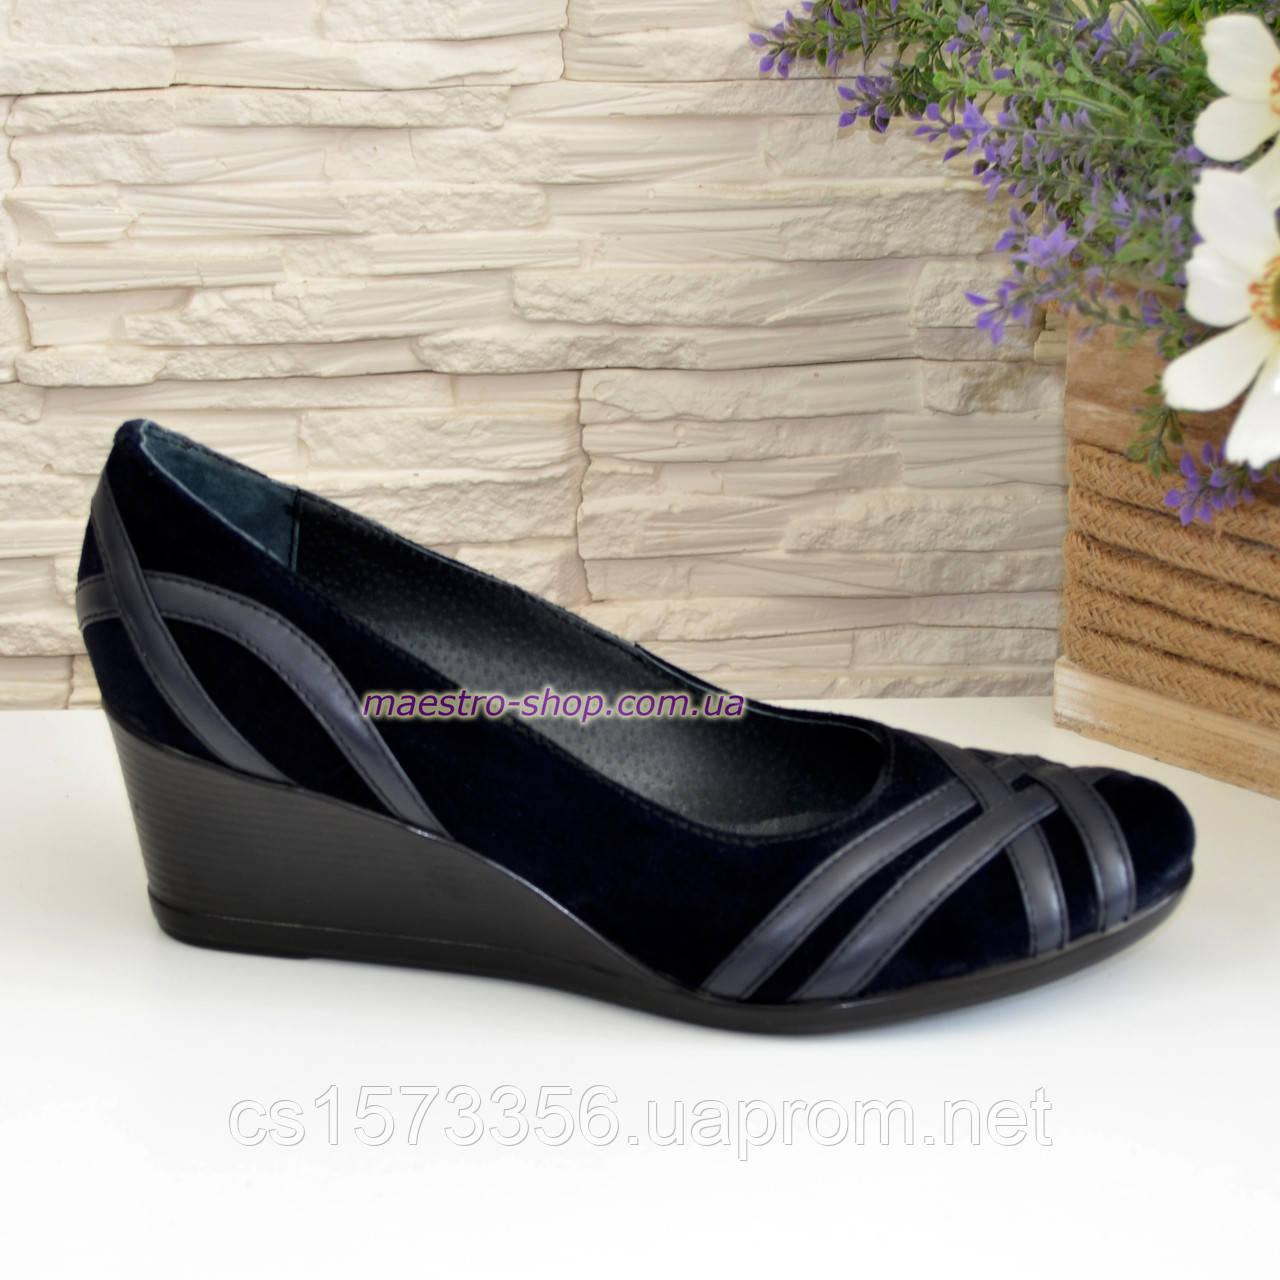 Туфли женские замшевые на танкетке, цвет синий